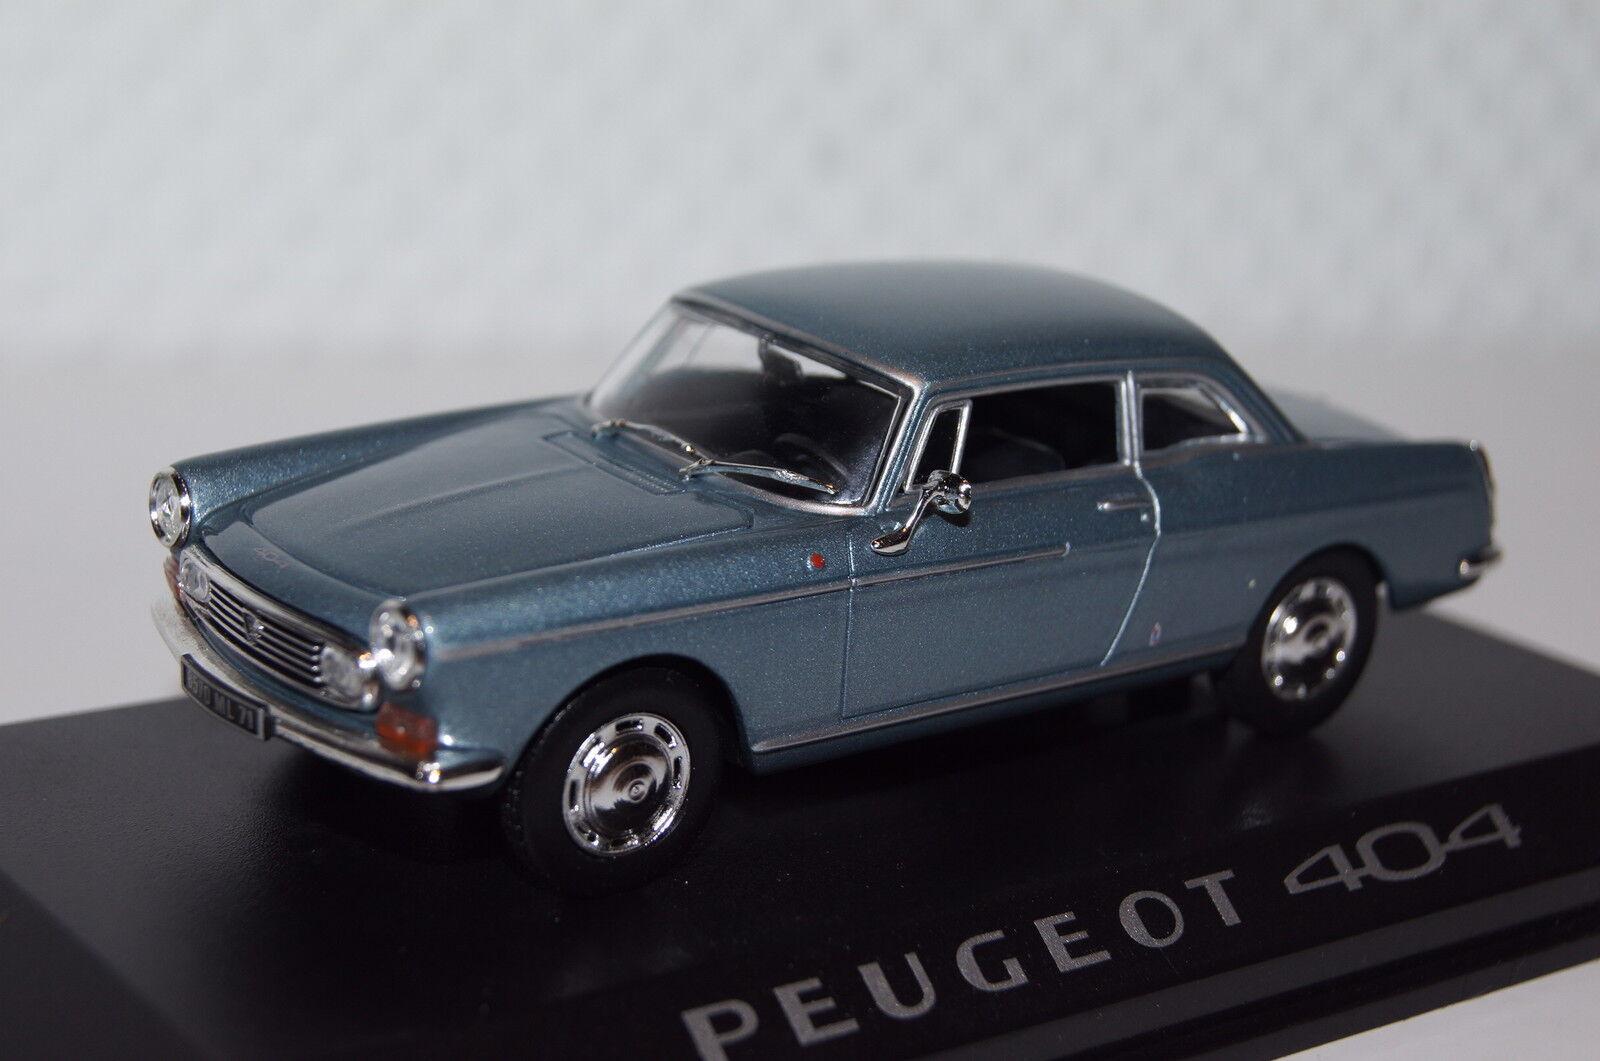 Peugeot 404 coupé bleu métallisé 1 43 NOREV NOUVEAU & OVP 474434